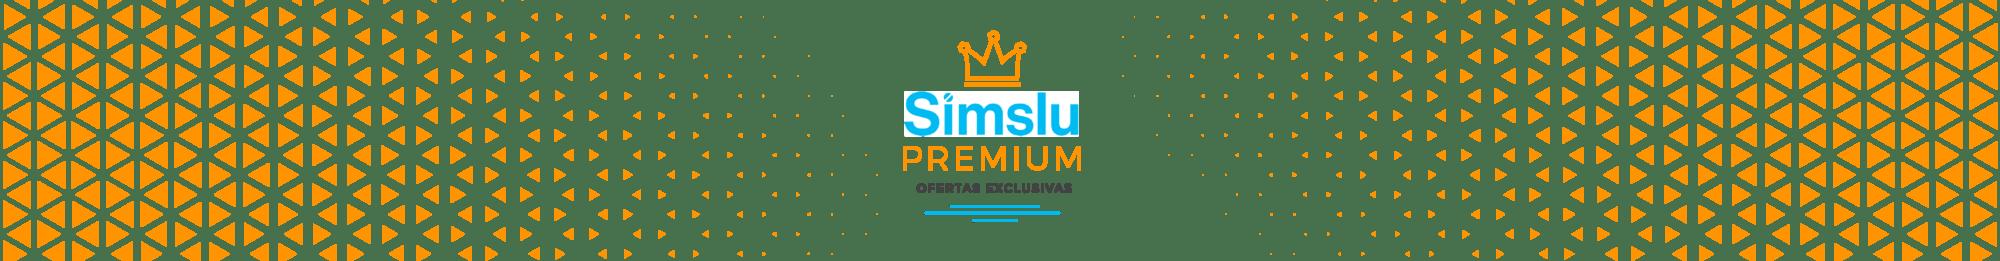 Banner-Simslu-Premium-01